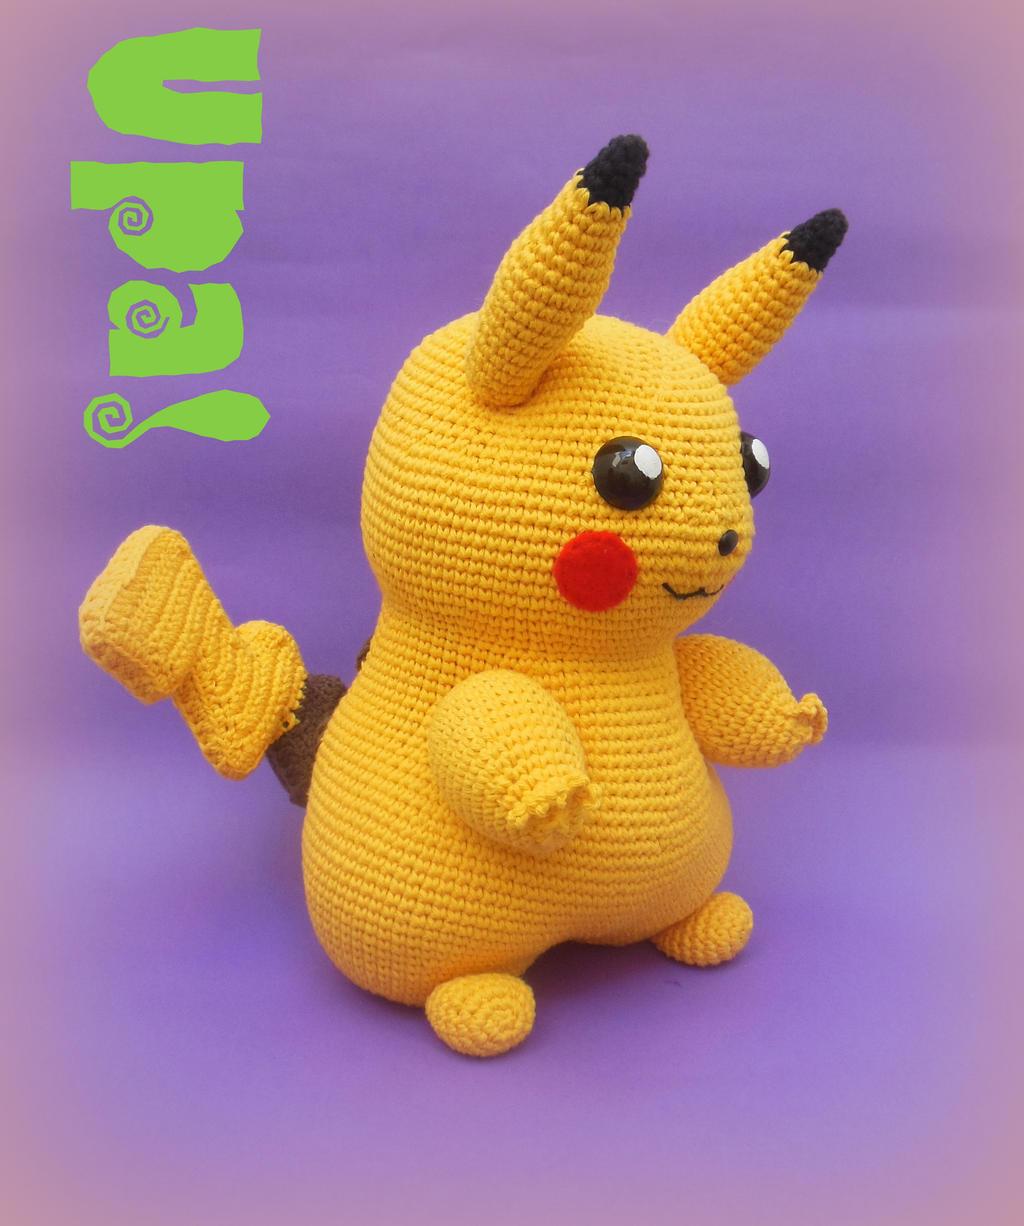 Pikachu Amigurumi by UpaMiGurrumin on DeviantArt